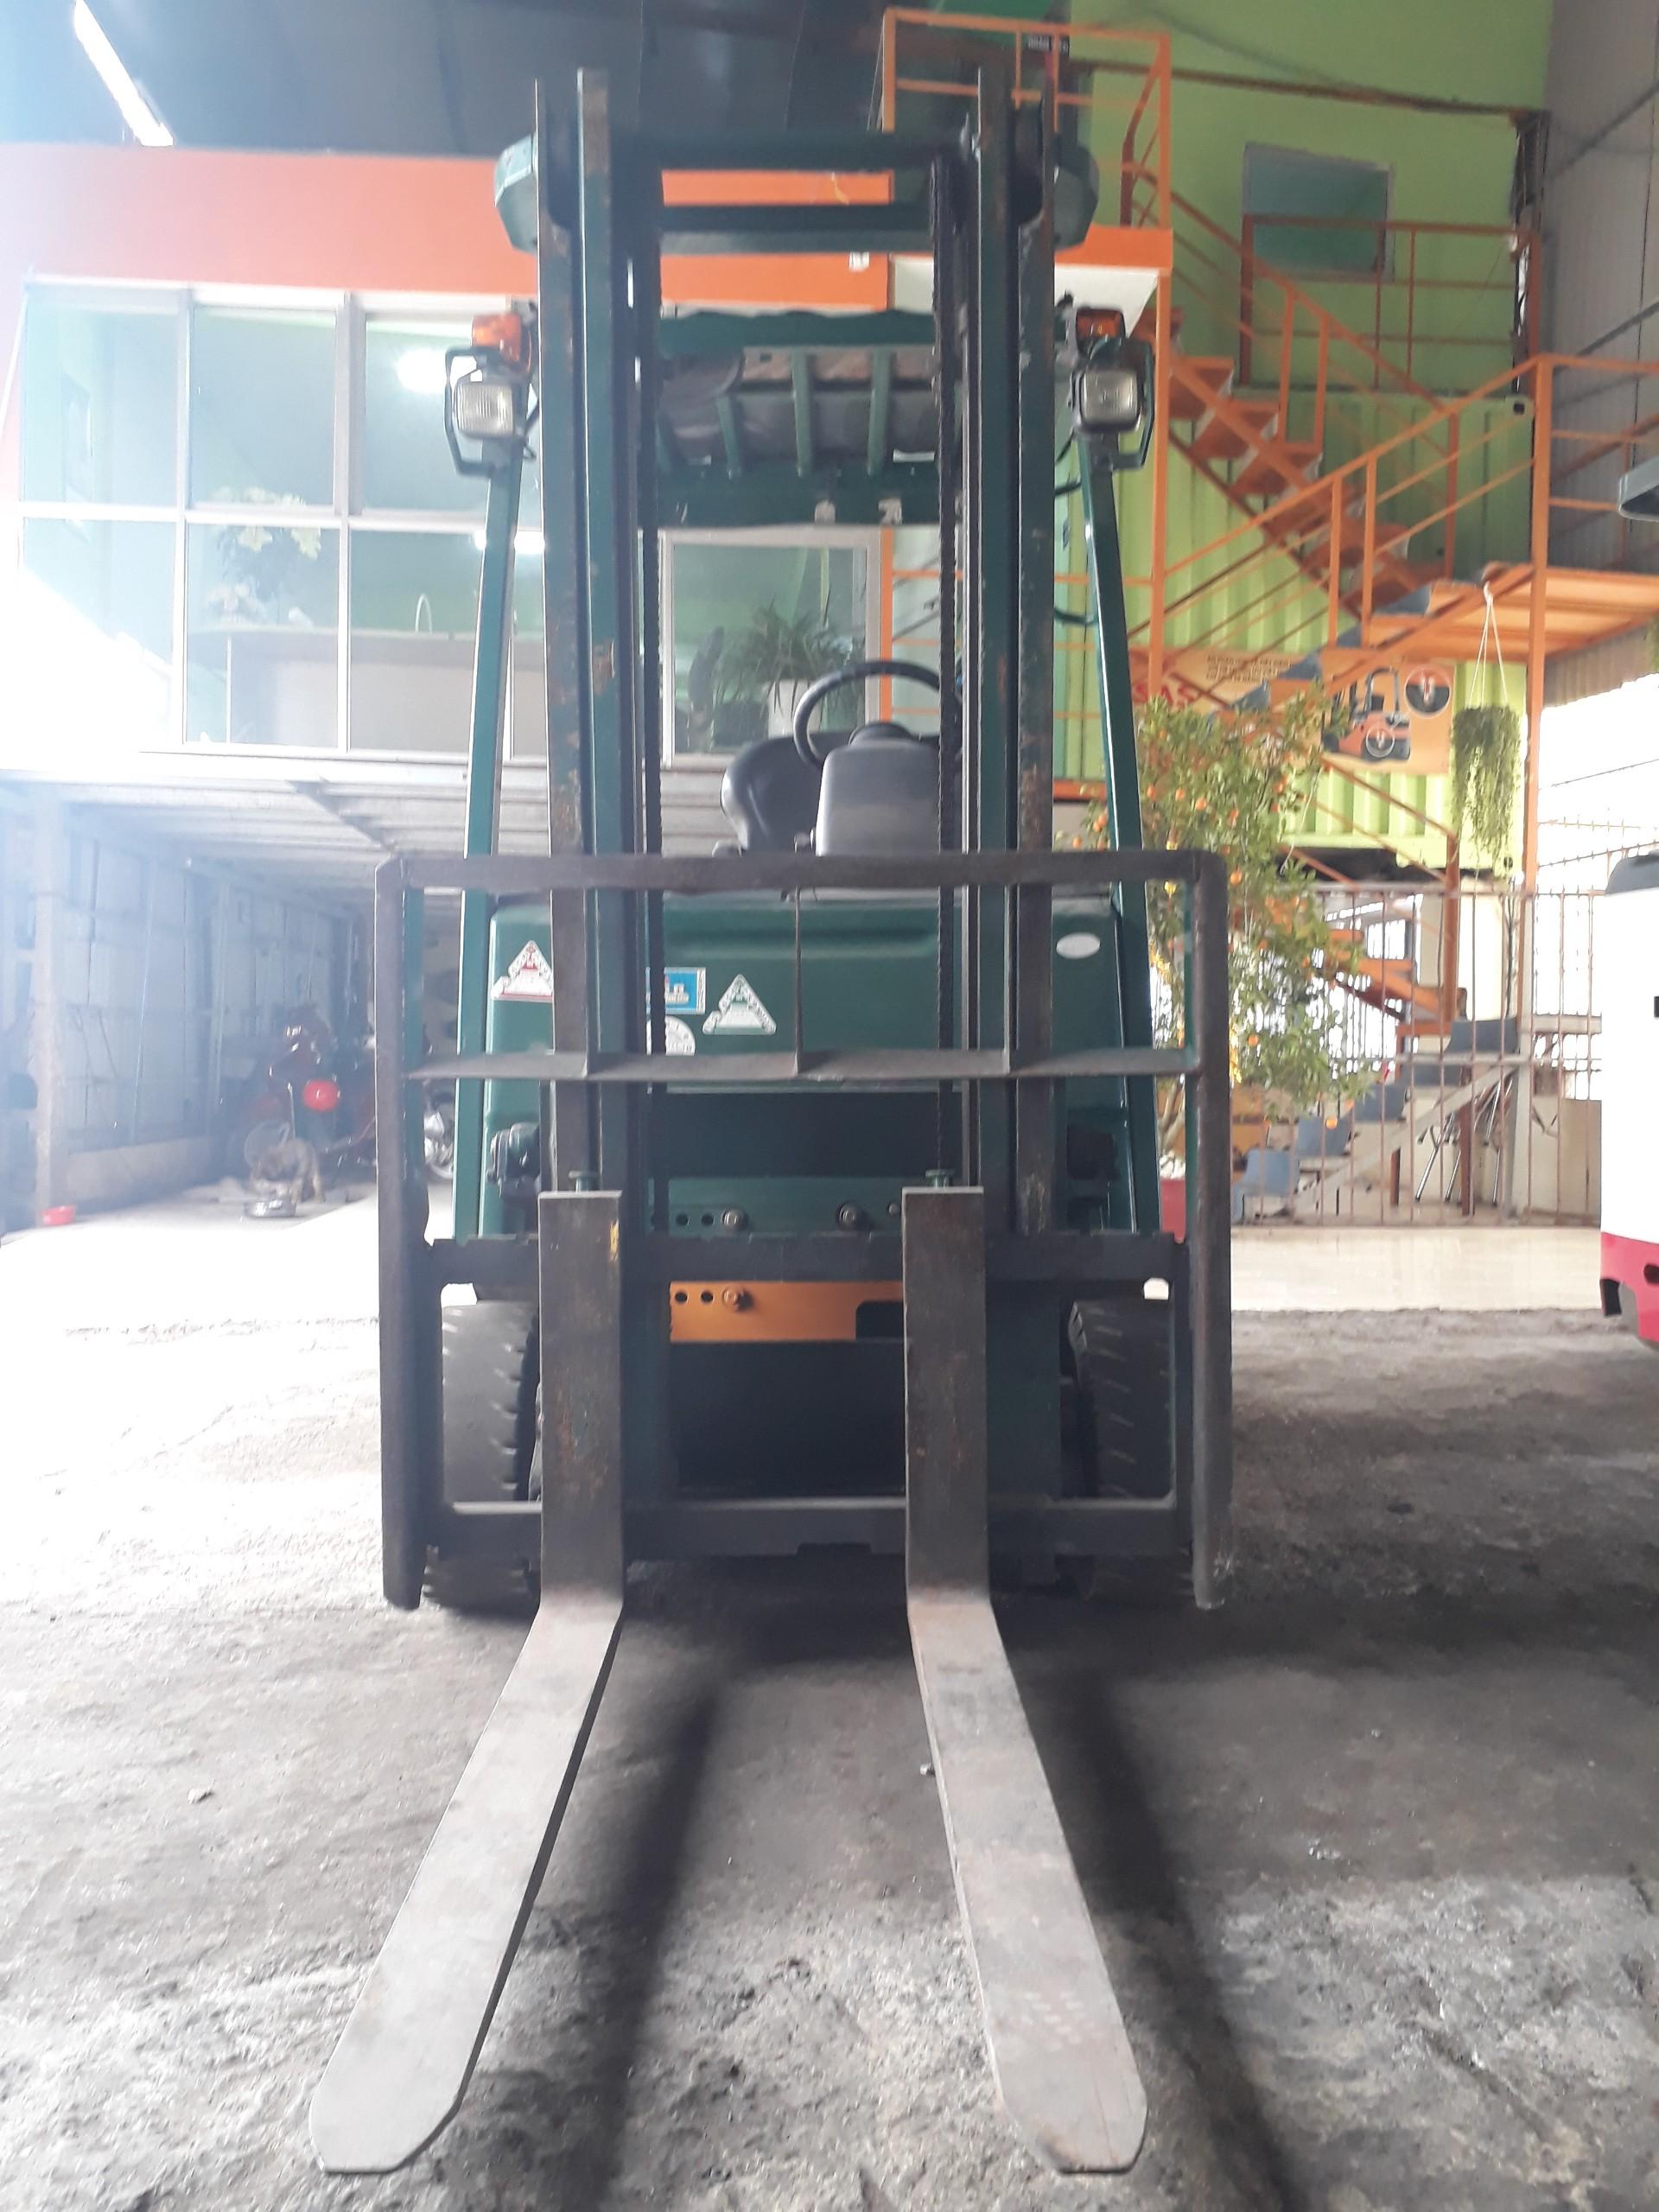 mặt trước Xe nâng điện ngồi lái Komatsu FB15-12, 1.5 tấn, sx 2007